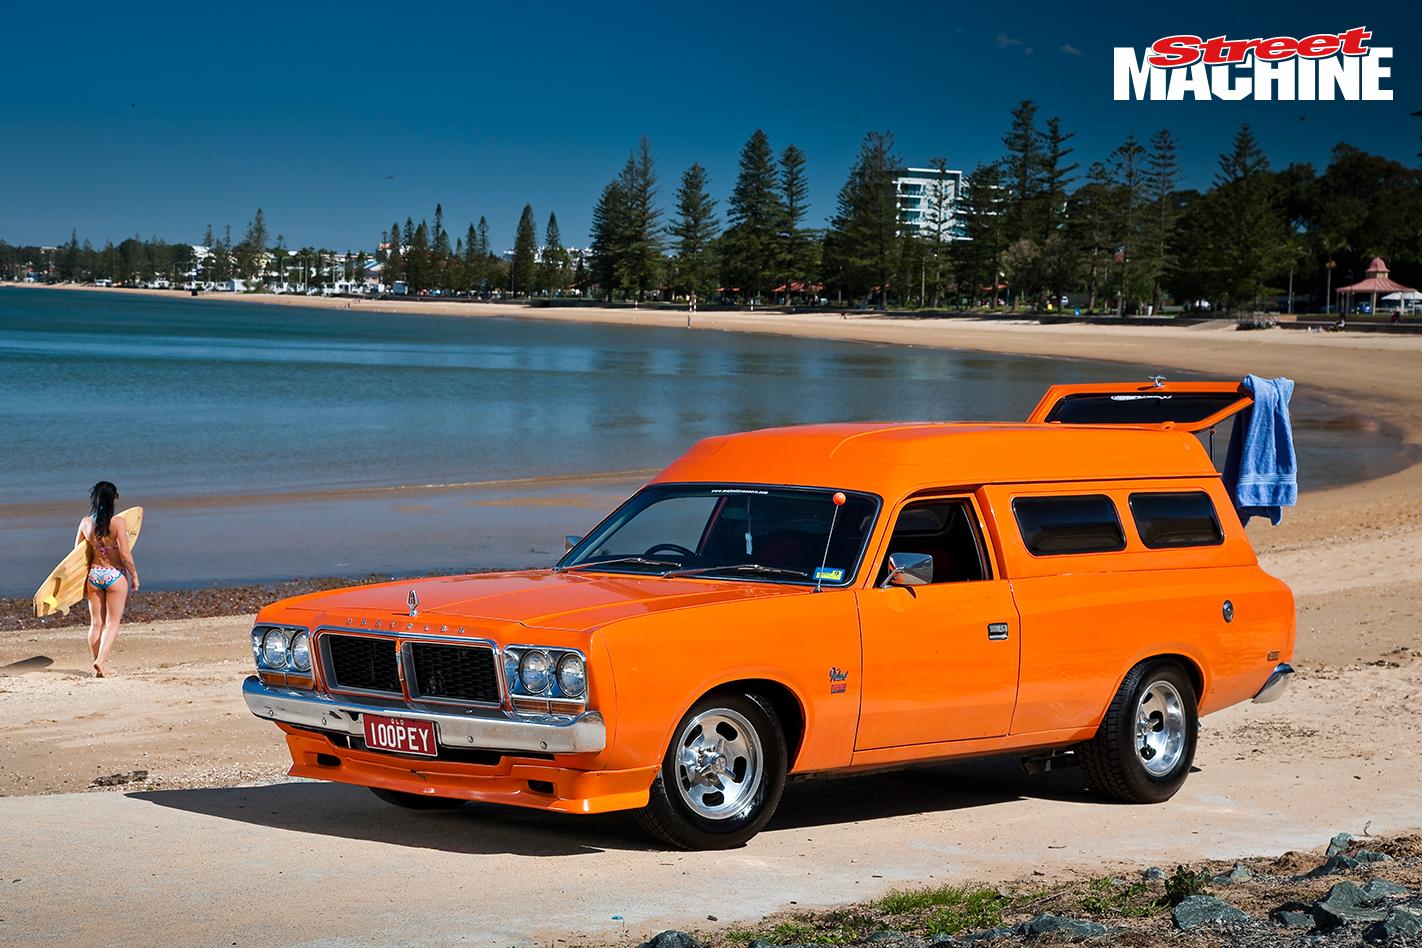 Loopey Chrysler Valiant Panel Van Nw